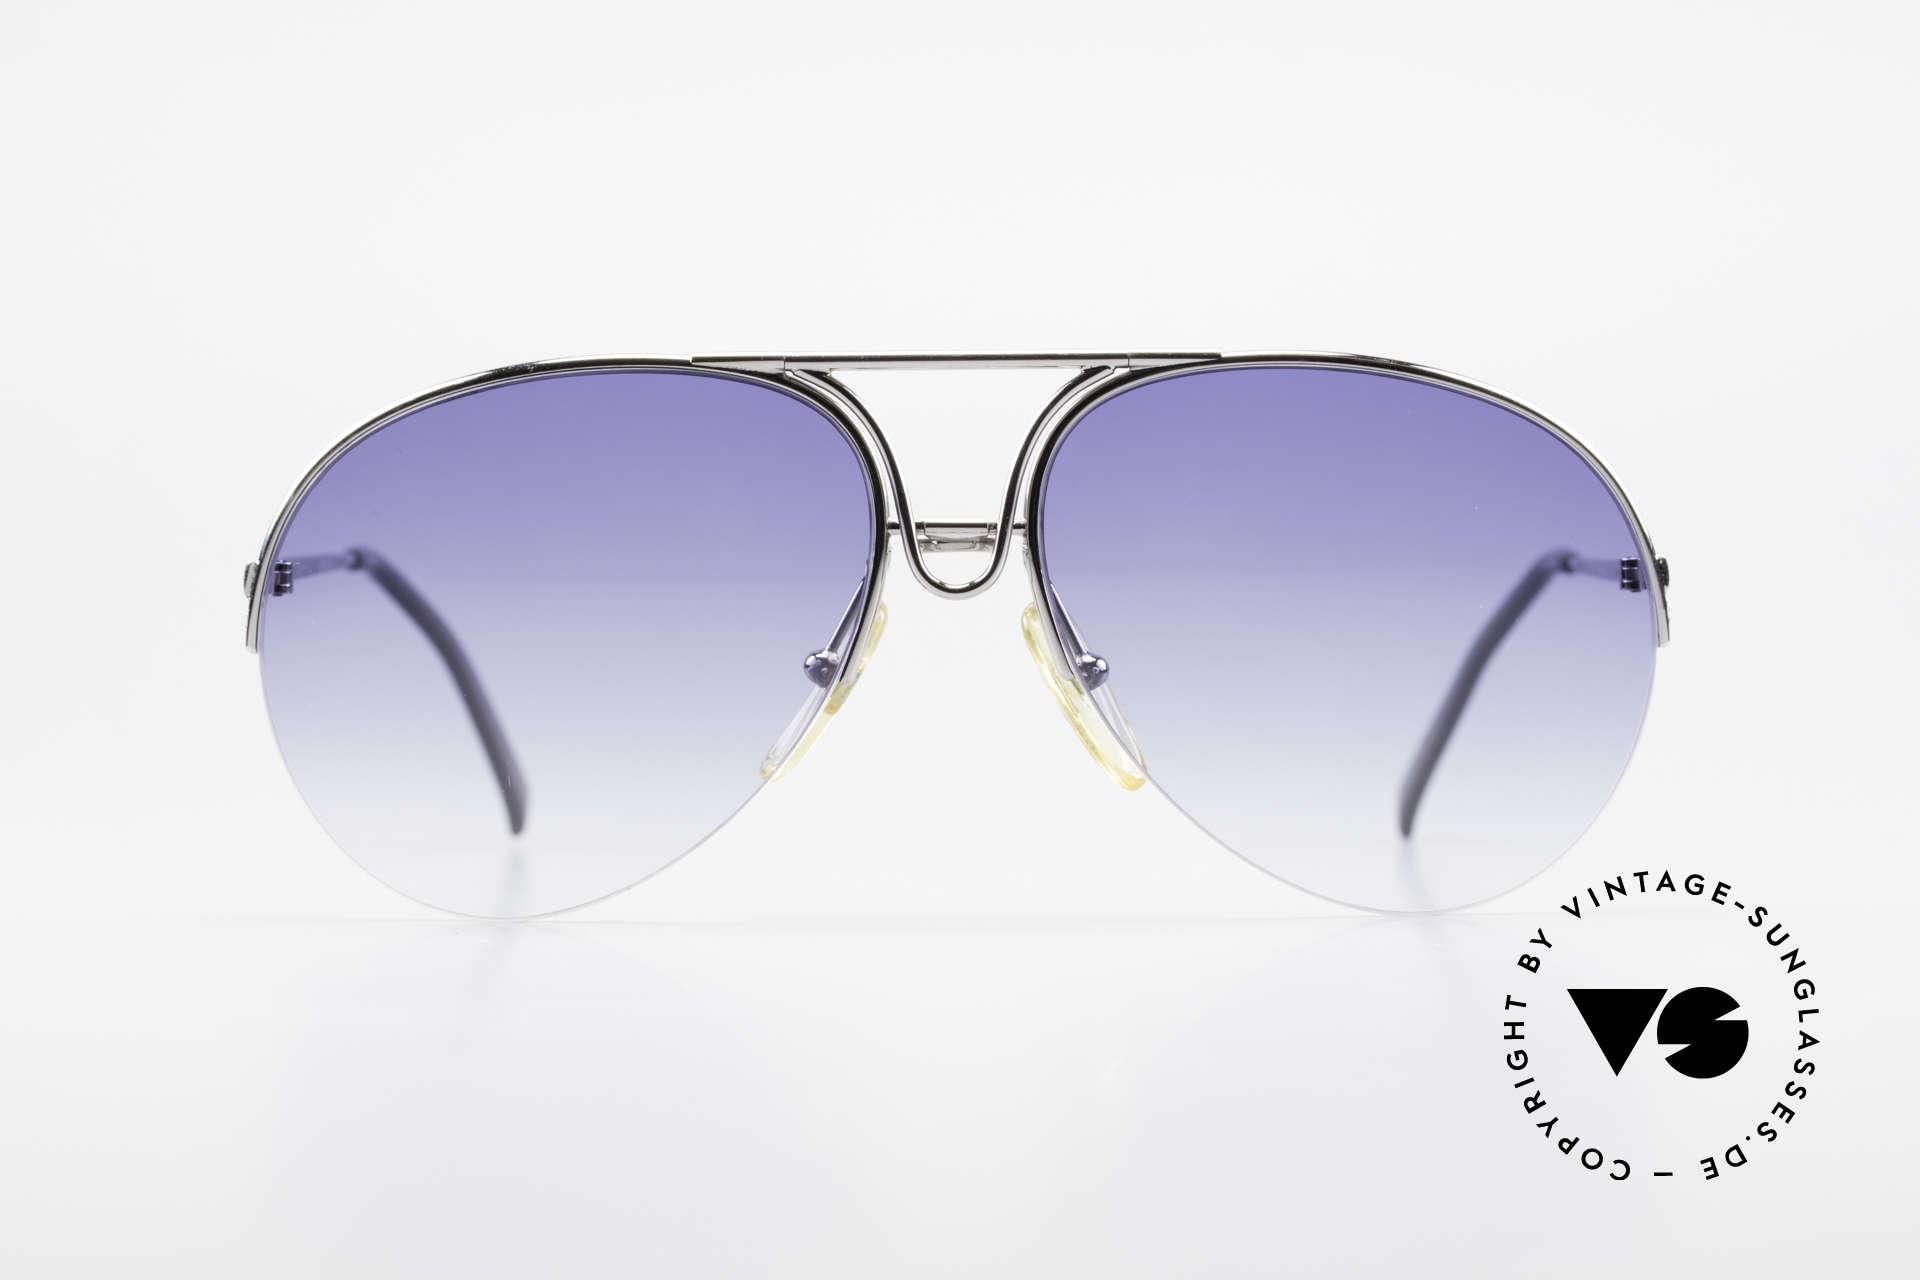 Porsche 5627 Semi Rimless 90's Sunglasses, rimless frame, lightweight & first class comfort, Made for Men